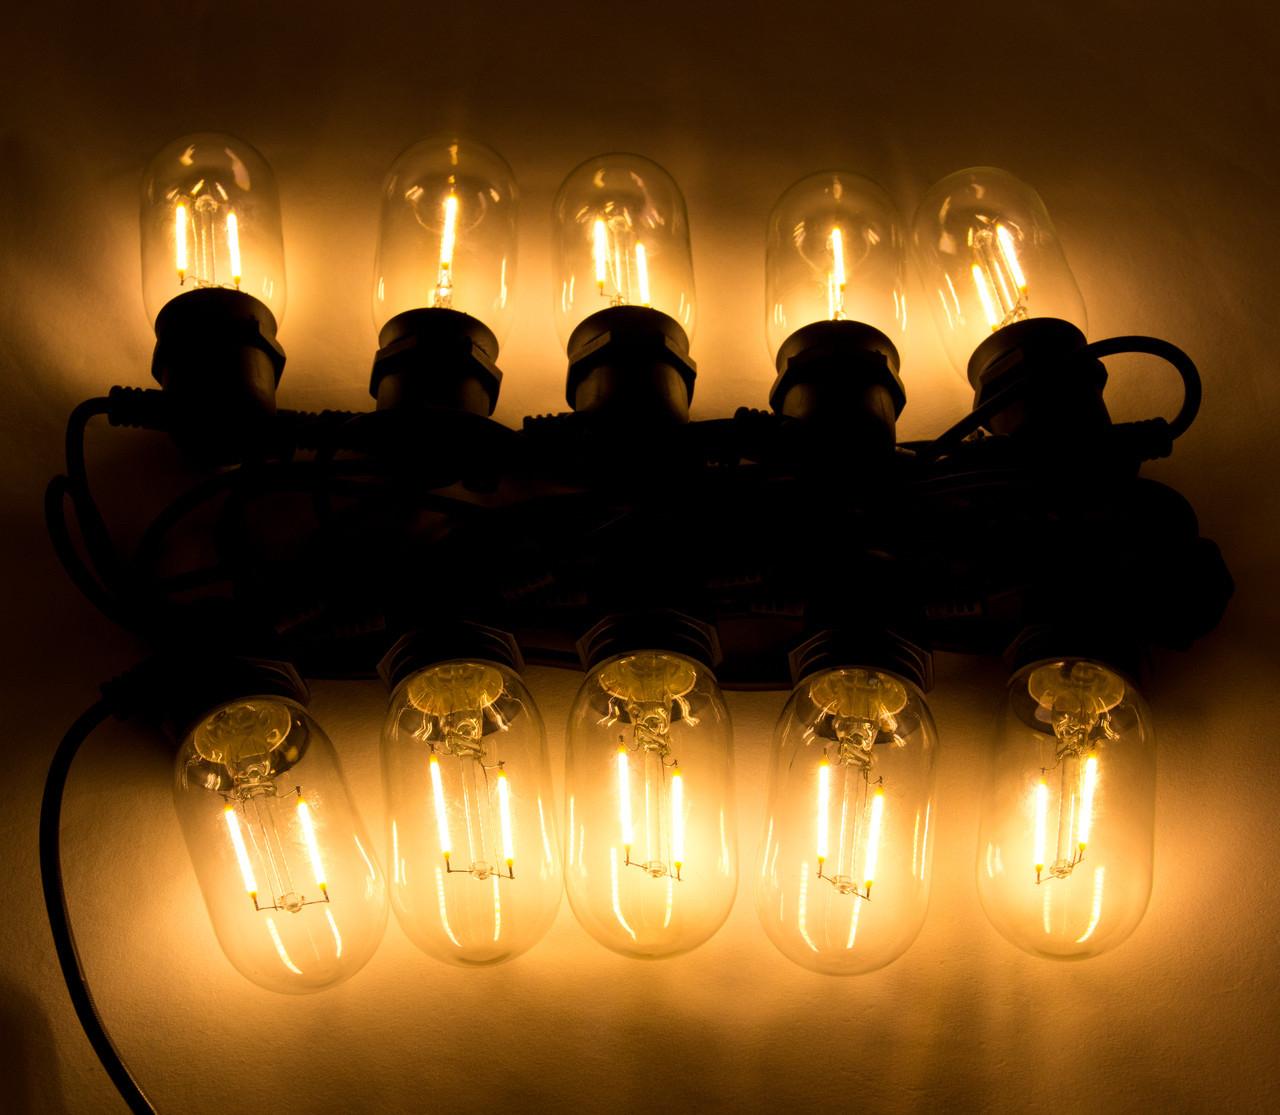 Светодиодная гирлянда 10 ламп с одной нитью (930066)